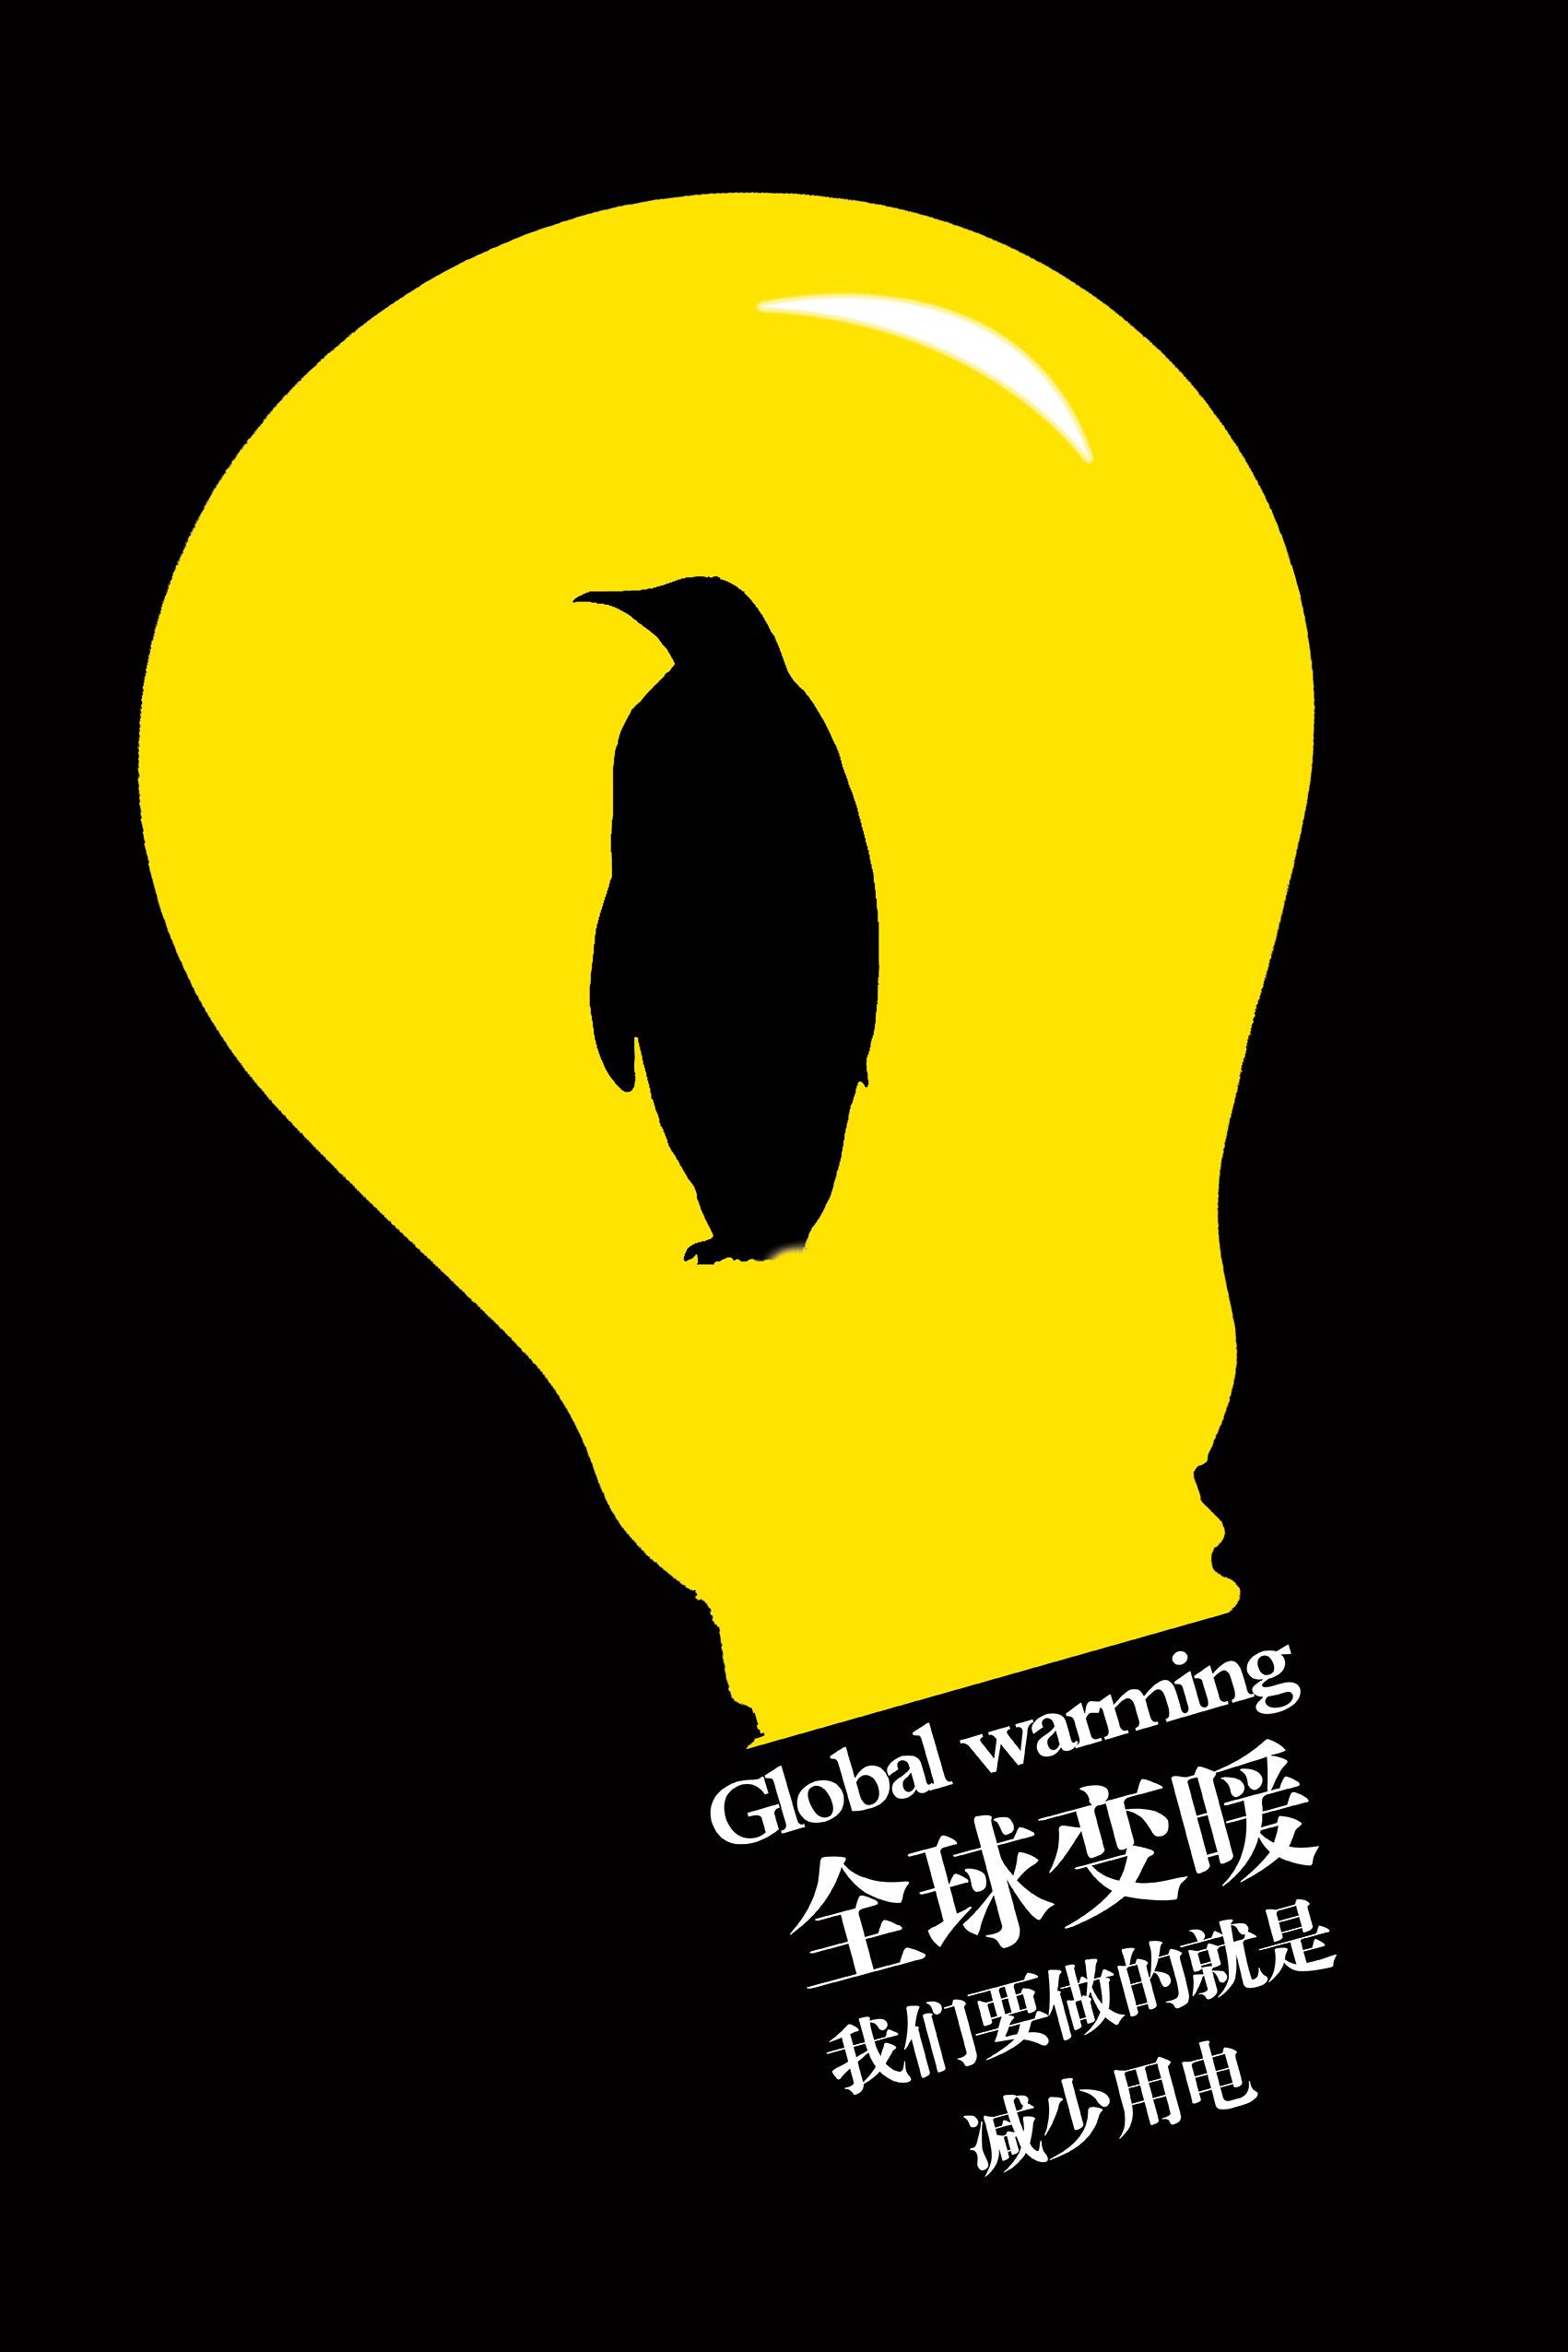 图形创意环保系列海报